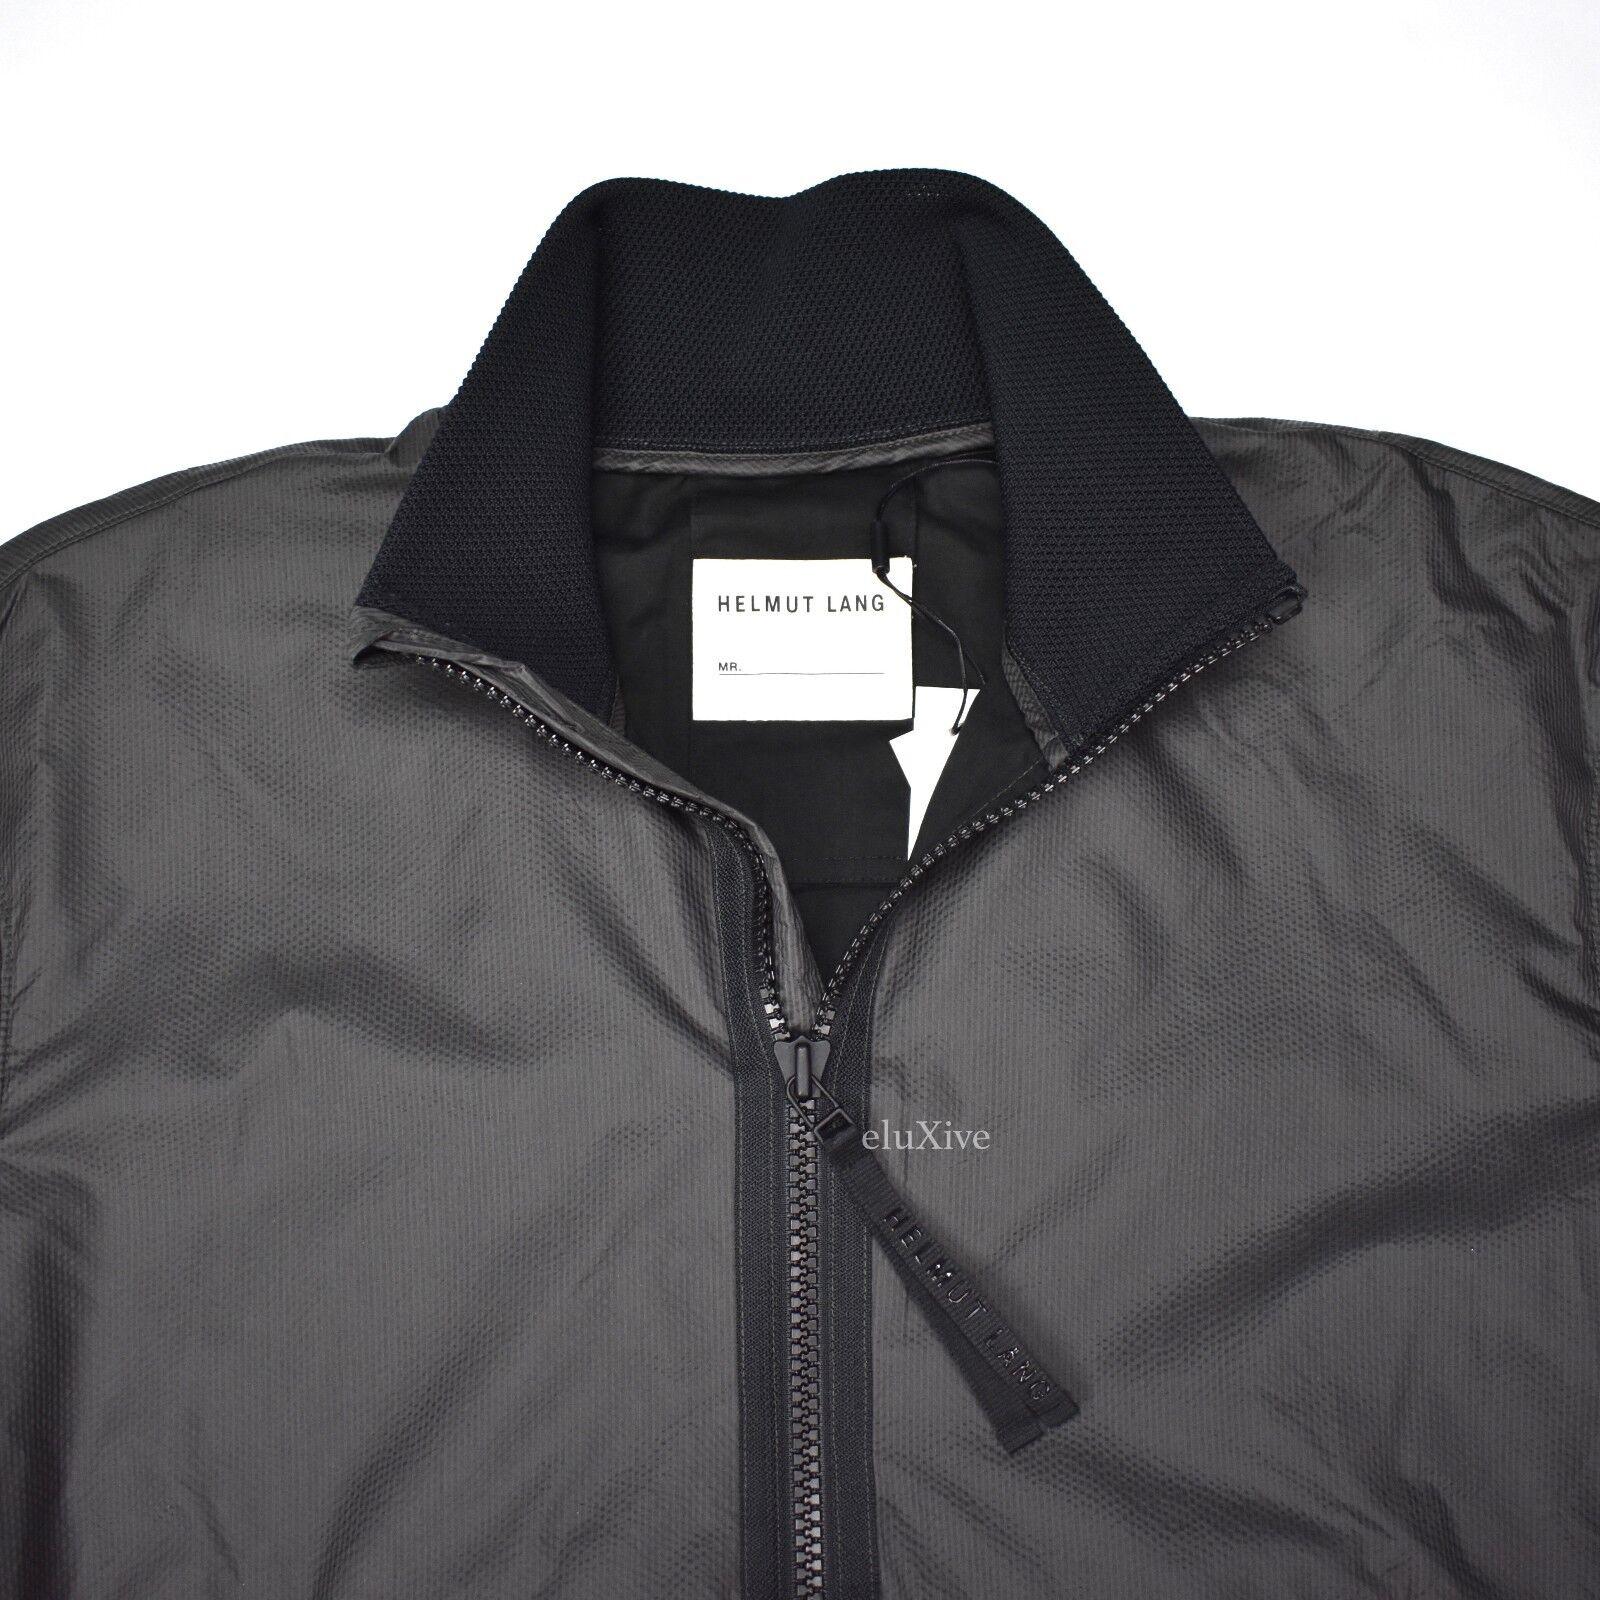 505e77870d44 Helmut Lang Mens Translucent Bomber Jacket S for sale online